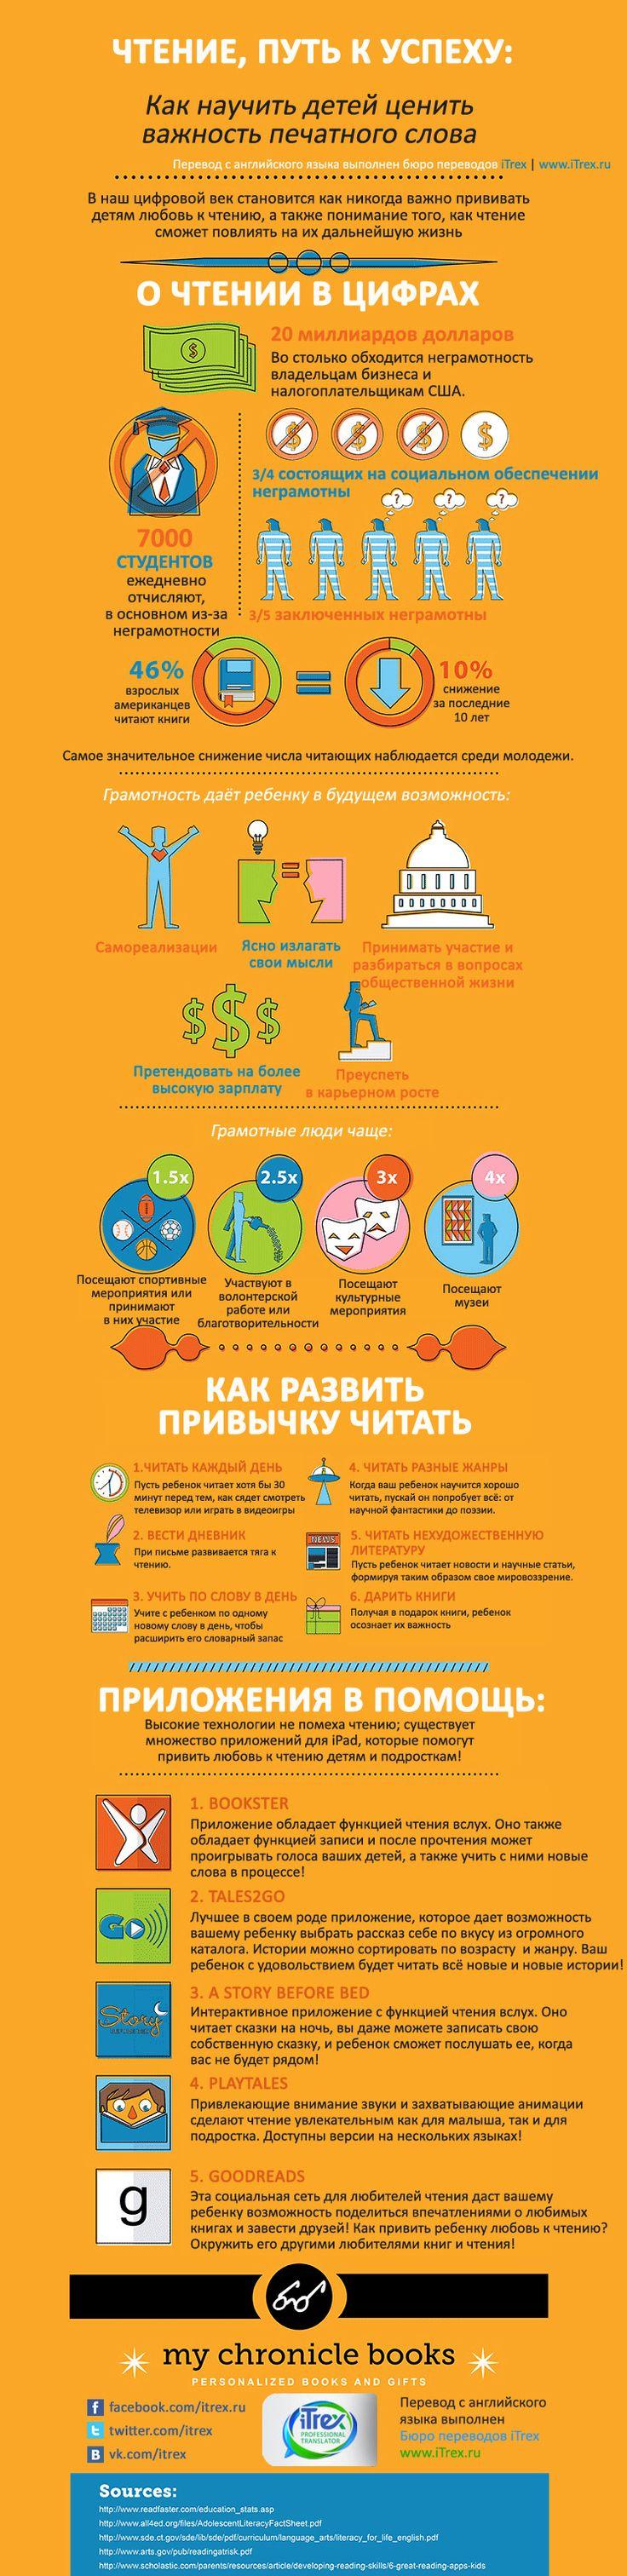 В такие пасмурные и дождливые осенние вечера как никогда хочется провести час-другой за книгой. О пользе чтения и как привить ребенку любовь к чтению в сегодняшнем повторе инфографики. Напомните детям, что хорошая книга с пользой заменит многие часы, проведенные за компьютером ;) http://itrex.ru/news/chtenie_put_k_uspekhu